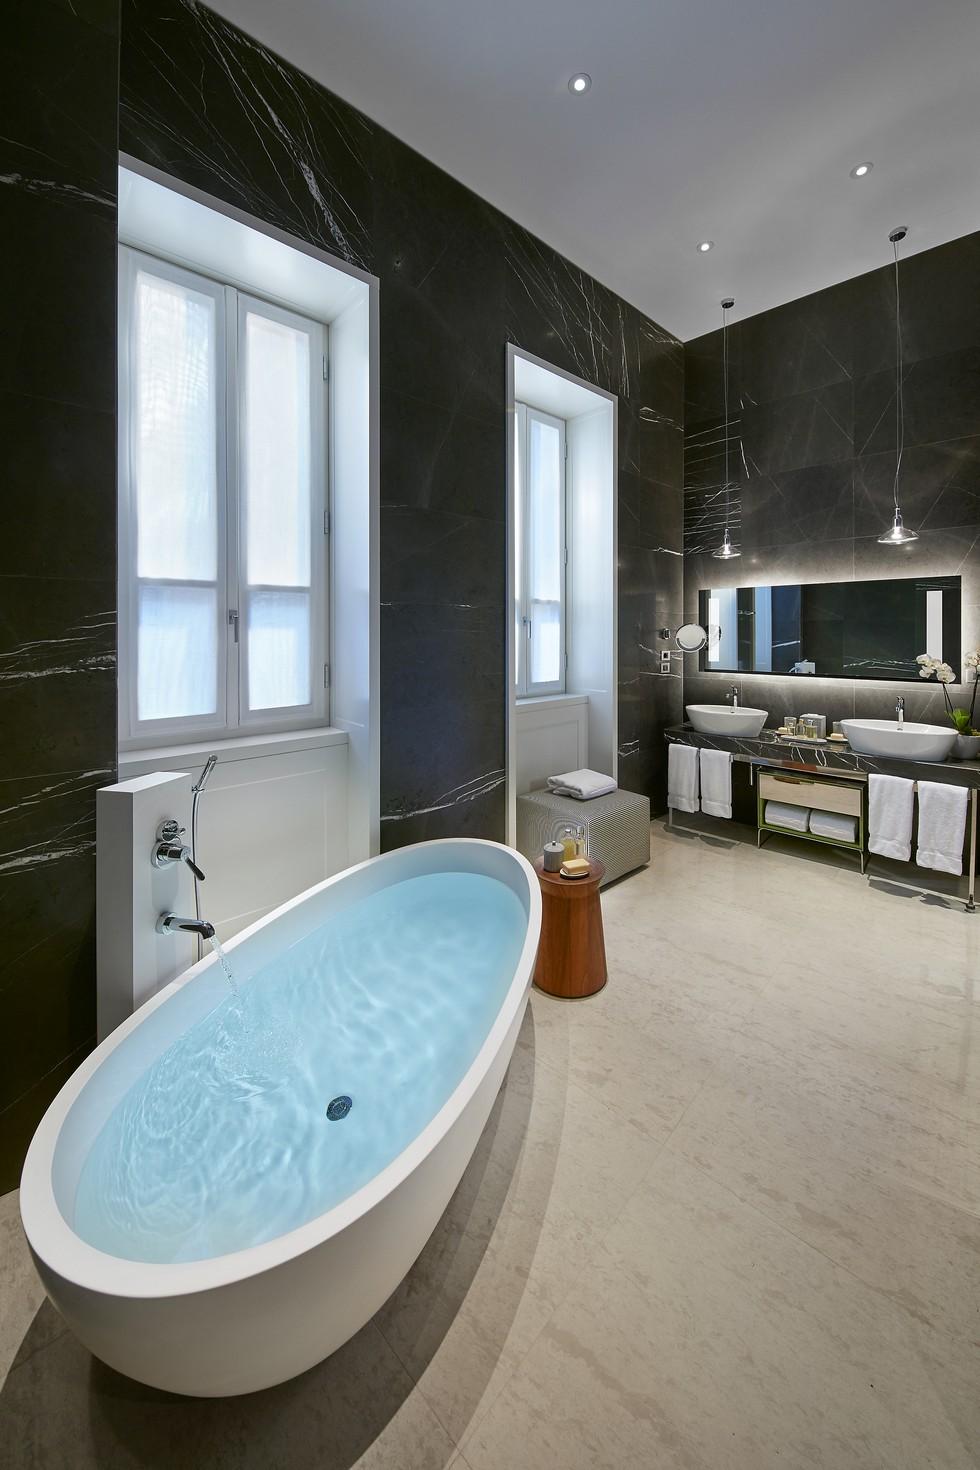 Milano suite bathroom by Piero Fornasetti